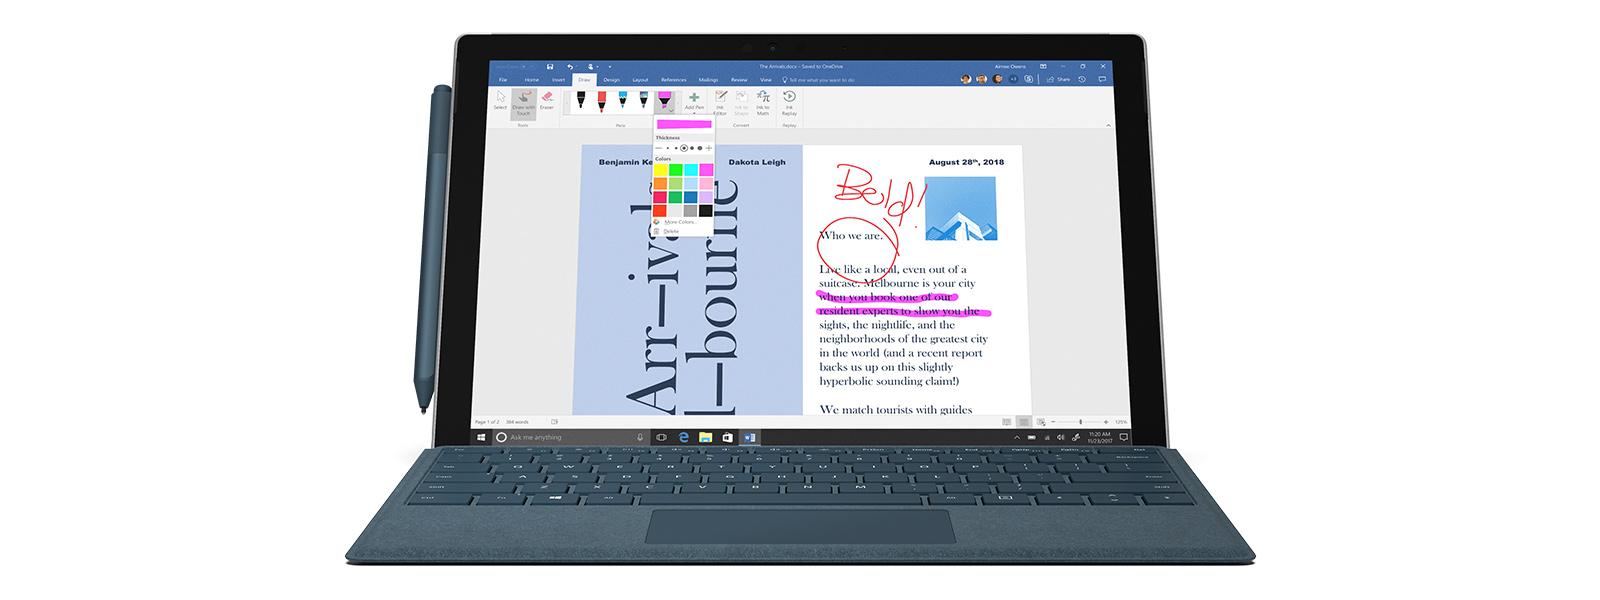 Surface Pro 裝置在小畫家 3D 畫面展示筆跡功能